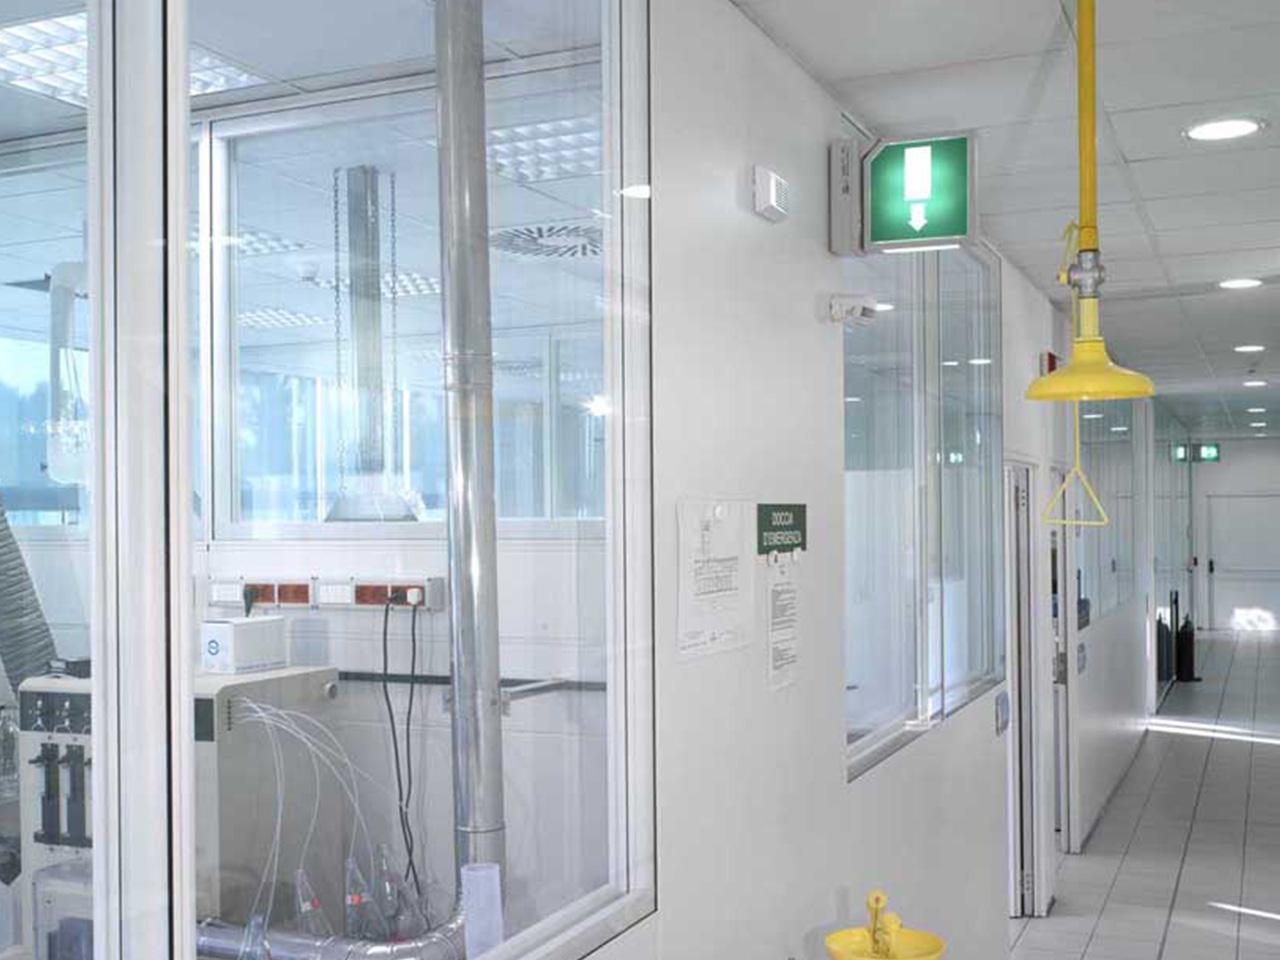 Realizzazione laboratori e camere bianche - Nestlé Lab Padova 01